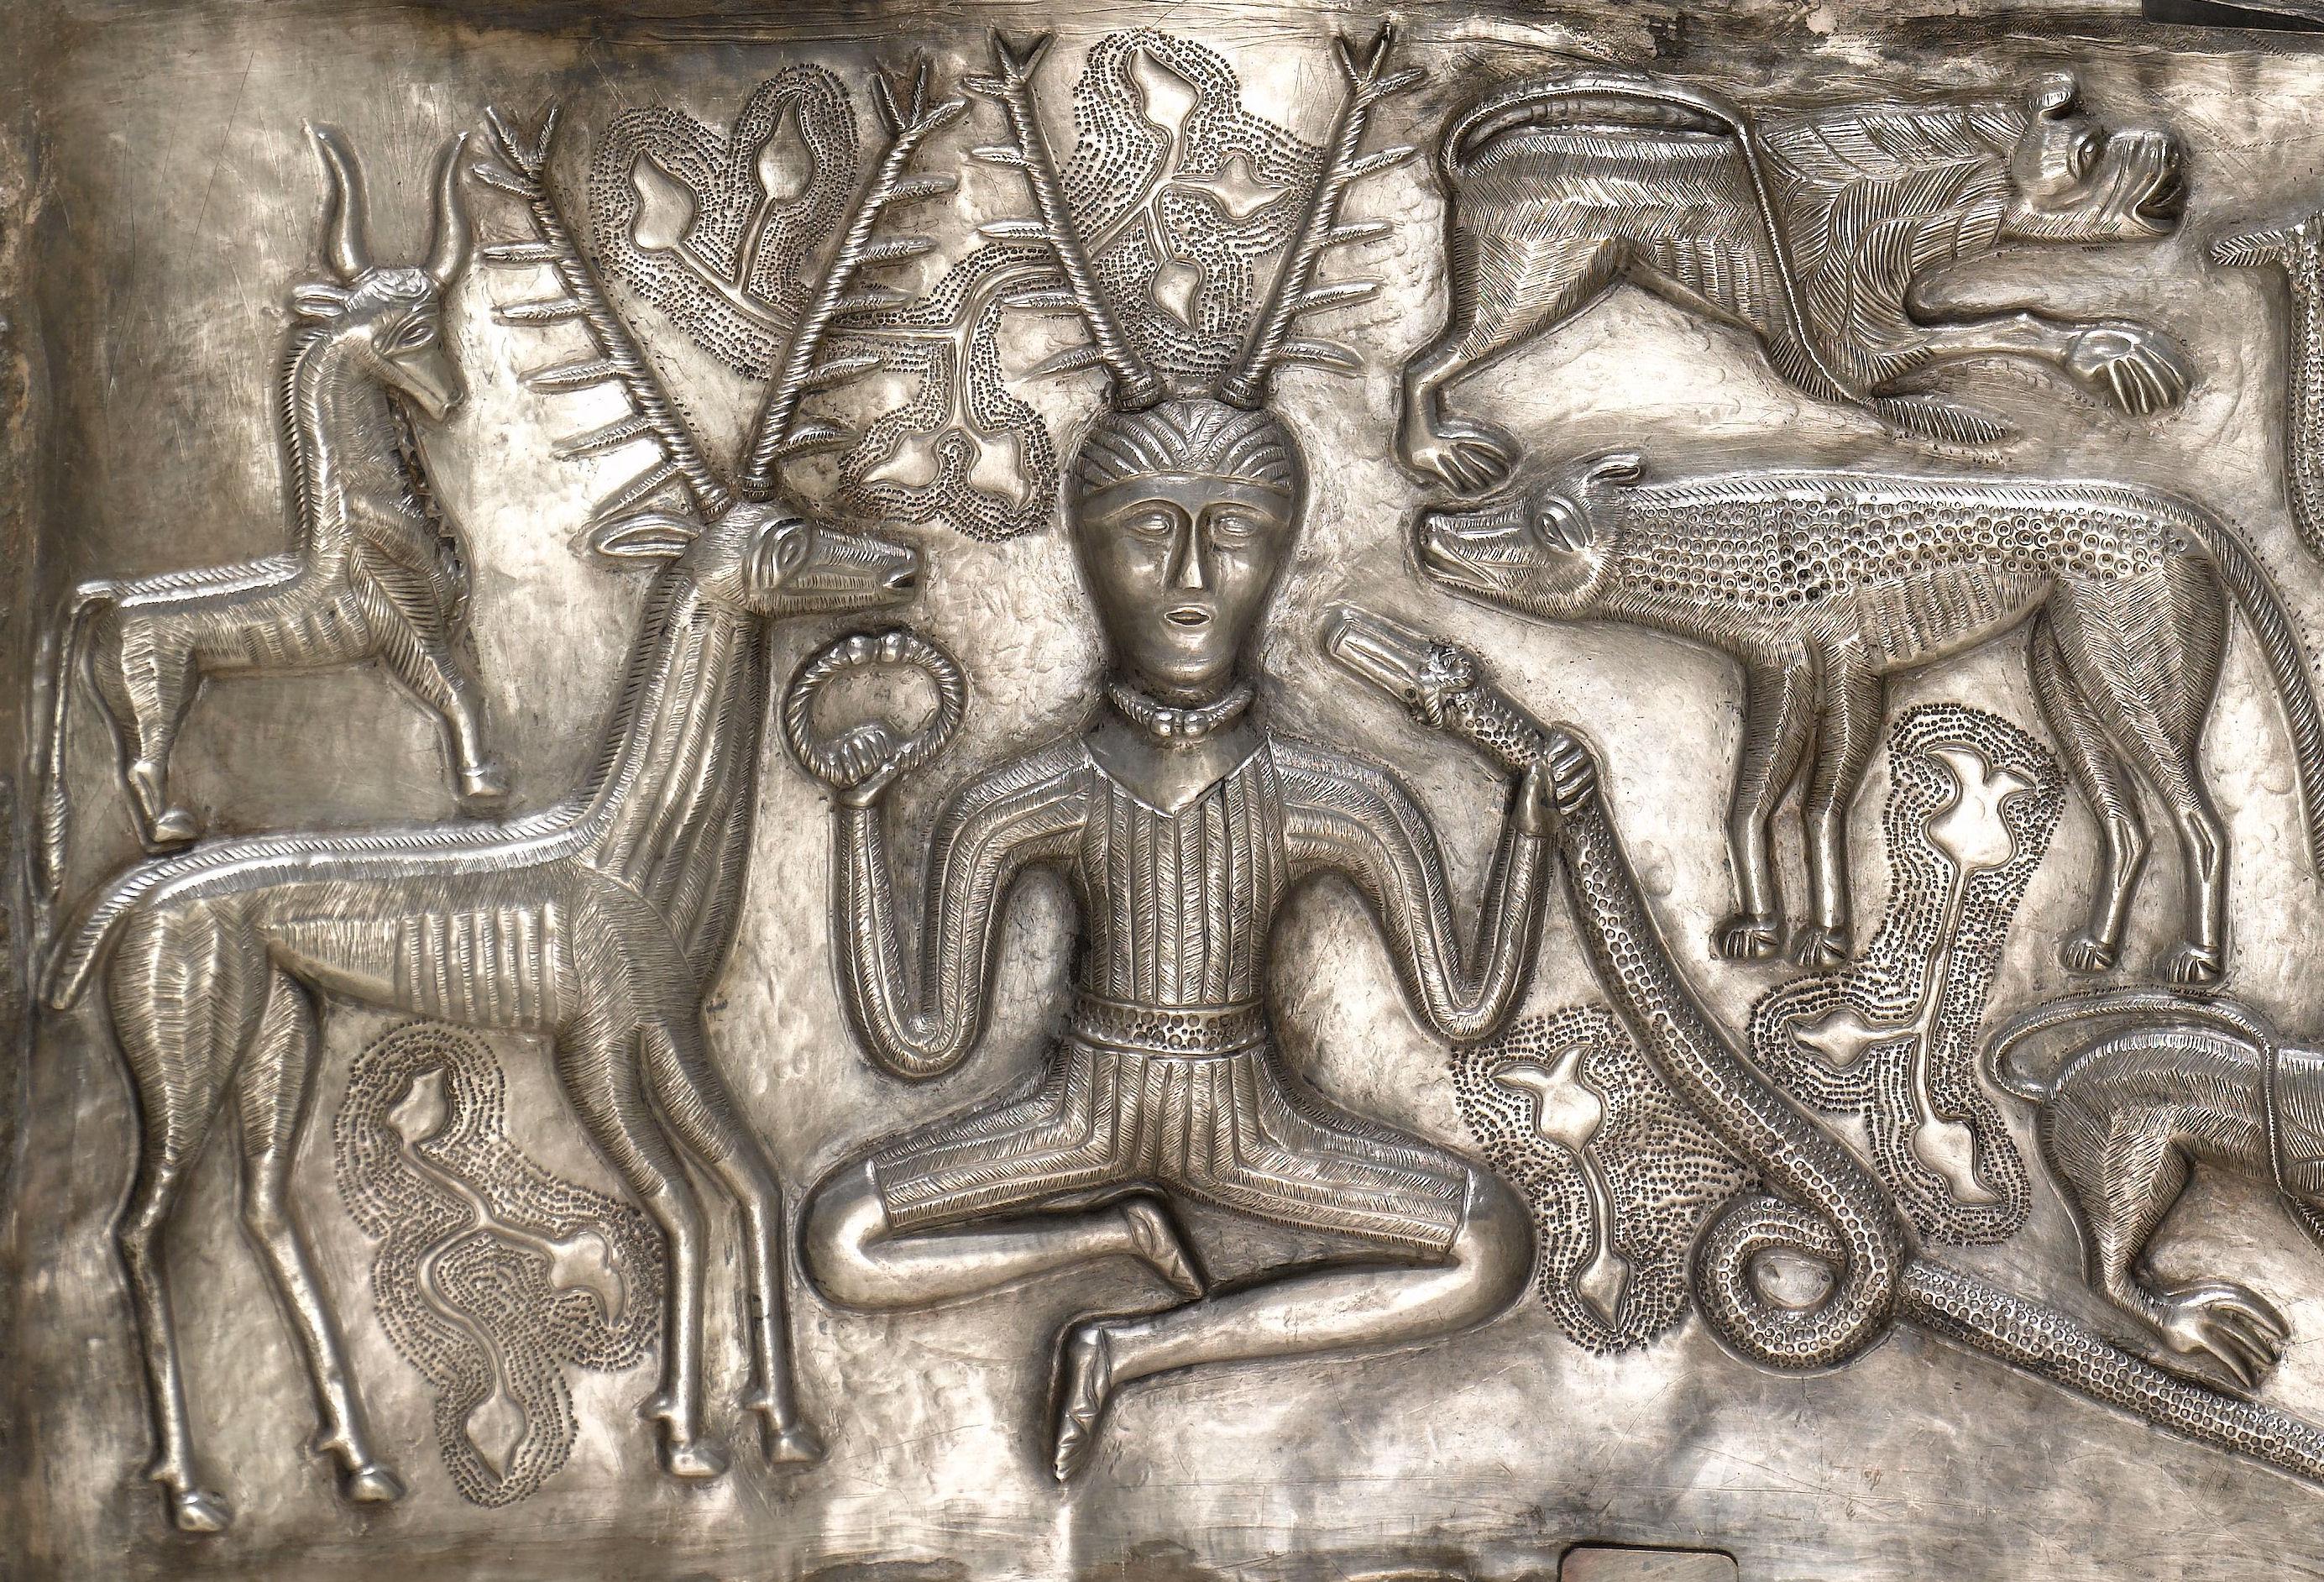 der gehörnte Gott oder Satyr 2